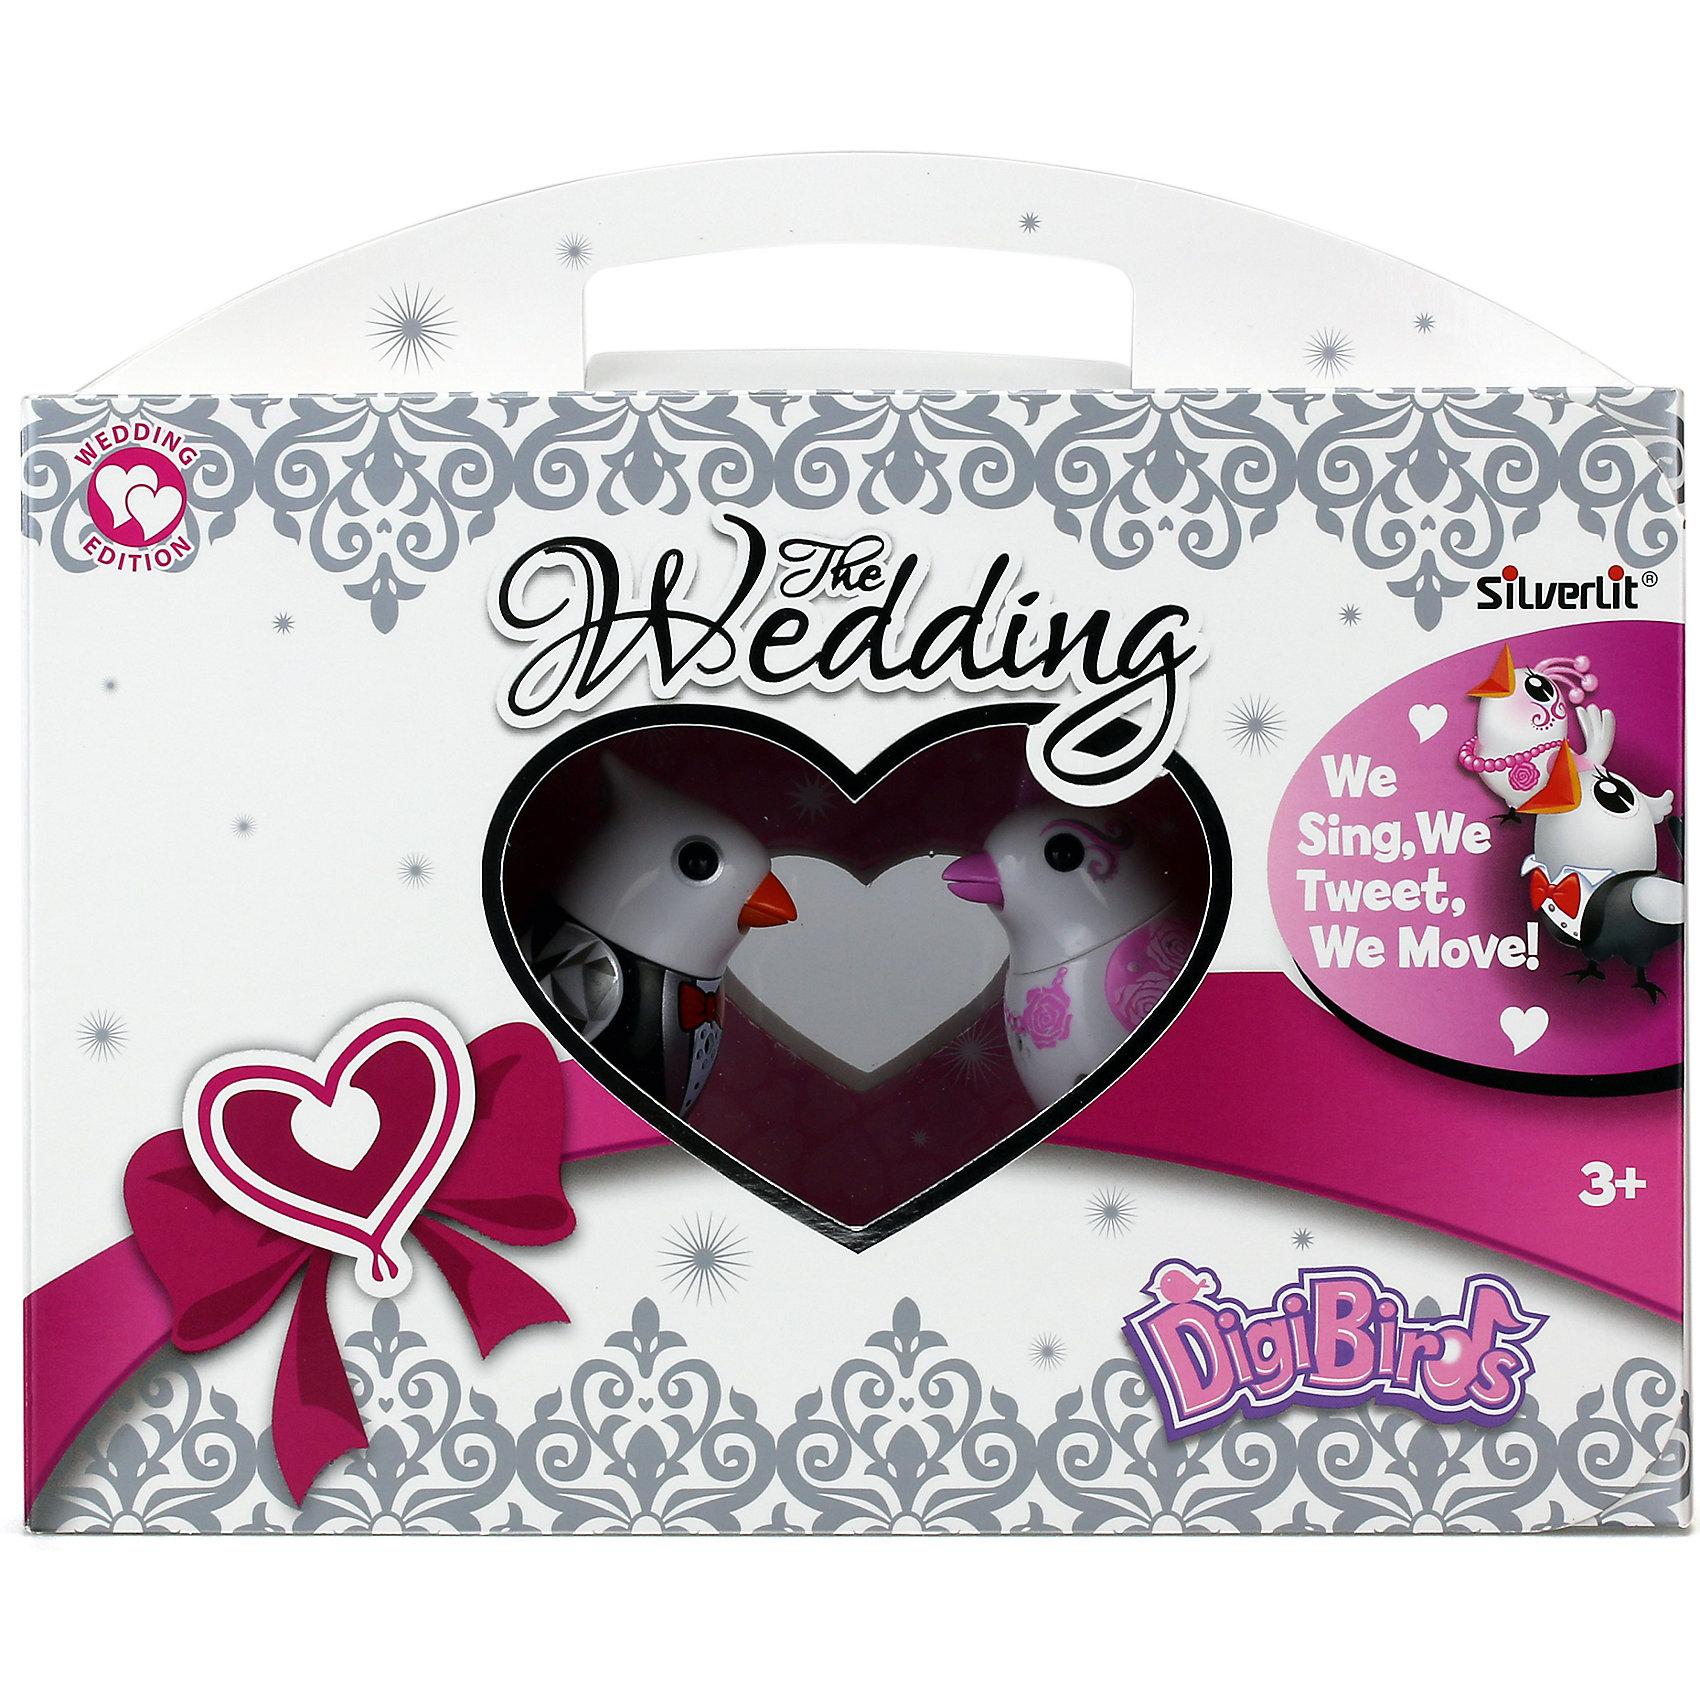 Поющие птички Жених и невеста, DigiBirdsИнтерактивные животные<br>Поющие птички - прекрасный подарок, который обязательно порадует ребенка. Птички в костюмах жениха и невесты могут исполнять мелодии как сольно, так и хором, чтобы они пели или щебетали, на них нужно подуть или посвистеть в свисток. Для каждой игрушки предусмотрено кольцо-свисток, которое надевается на палец, на нем можно закрепить свою птичку. <br><br>Дополнительная информация:<br><br>- Материал: пластик, металл.<br>- Размер упаковки: 15,2х12х12 см.<br>- 2 режима пения: соло и хор.<br>- 55 мелодий.<br>- Элемент питания: батарейки LR44 (в комплекте).<br><br>Поющих птичек Жених и невеста, DigiBirds (ДигиБердс), можно купить в нашем магазине.<br><br>Ширина мм: 76<br>Глубина мм: 152<br>Высота мм: 222<br>Вес г: 266<br>Возраст от месяцев: 36<br>Возраст до месяцев: 84<br>Пол: Унисекс<br>Возраст: Детский<br>SKU: 4533890